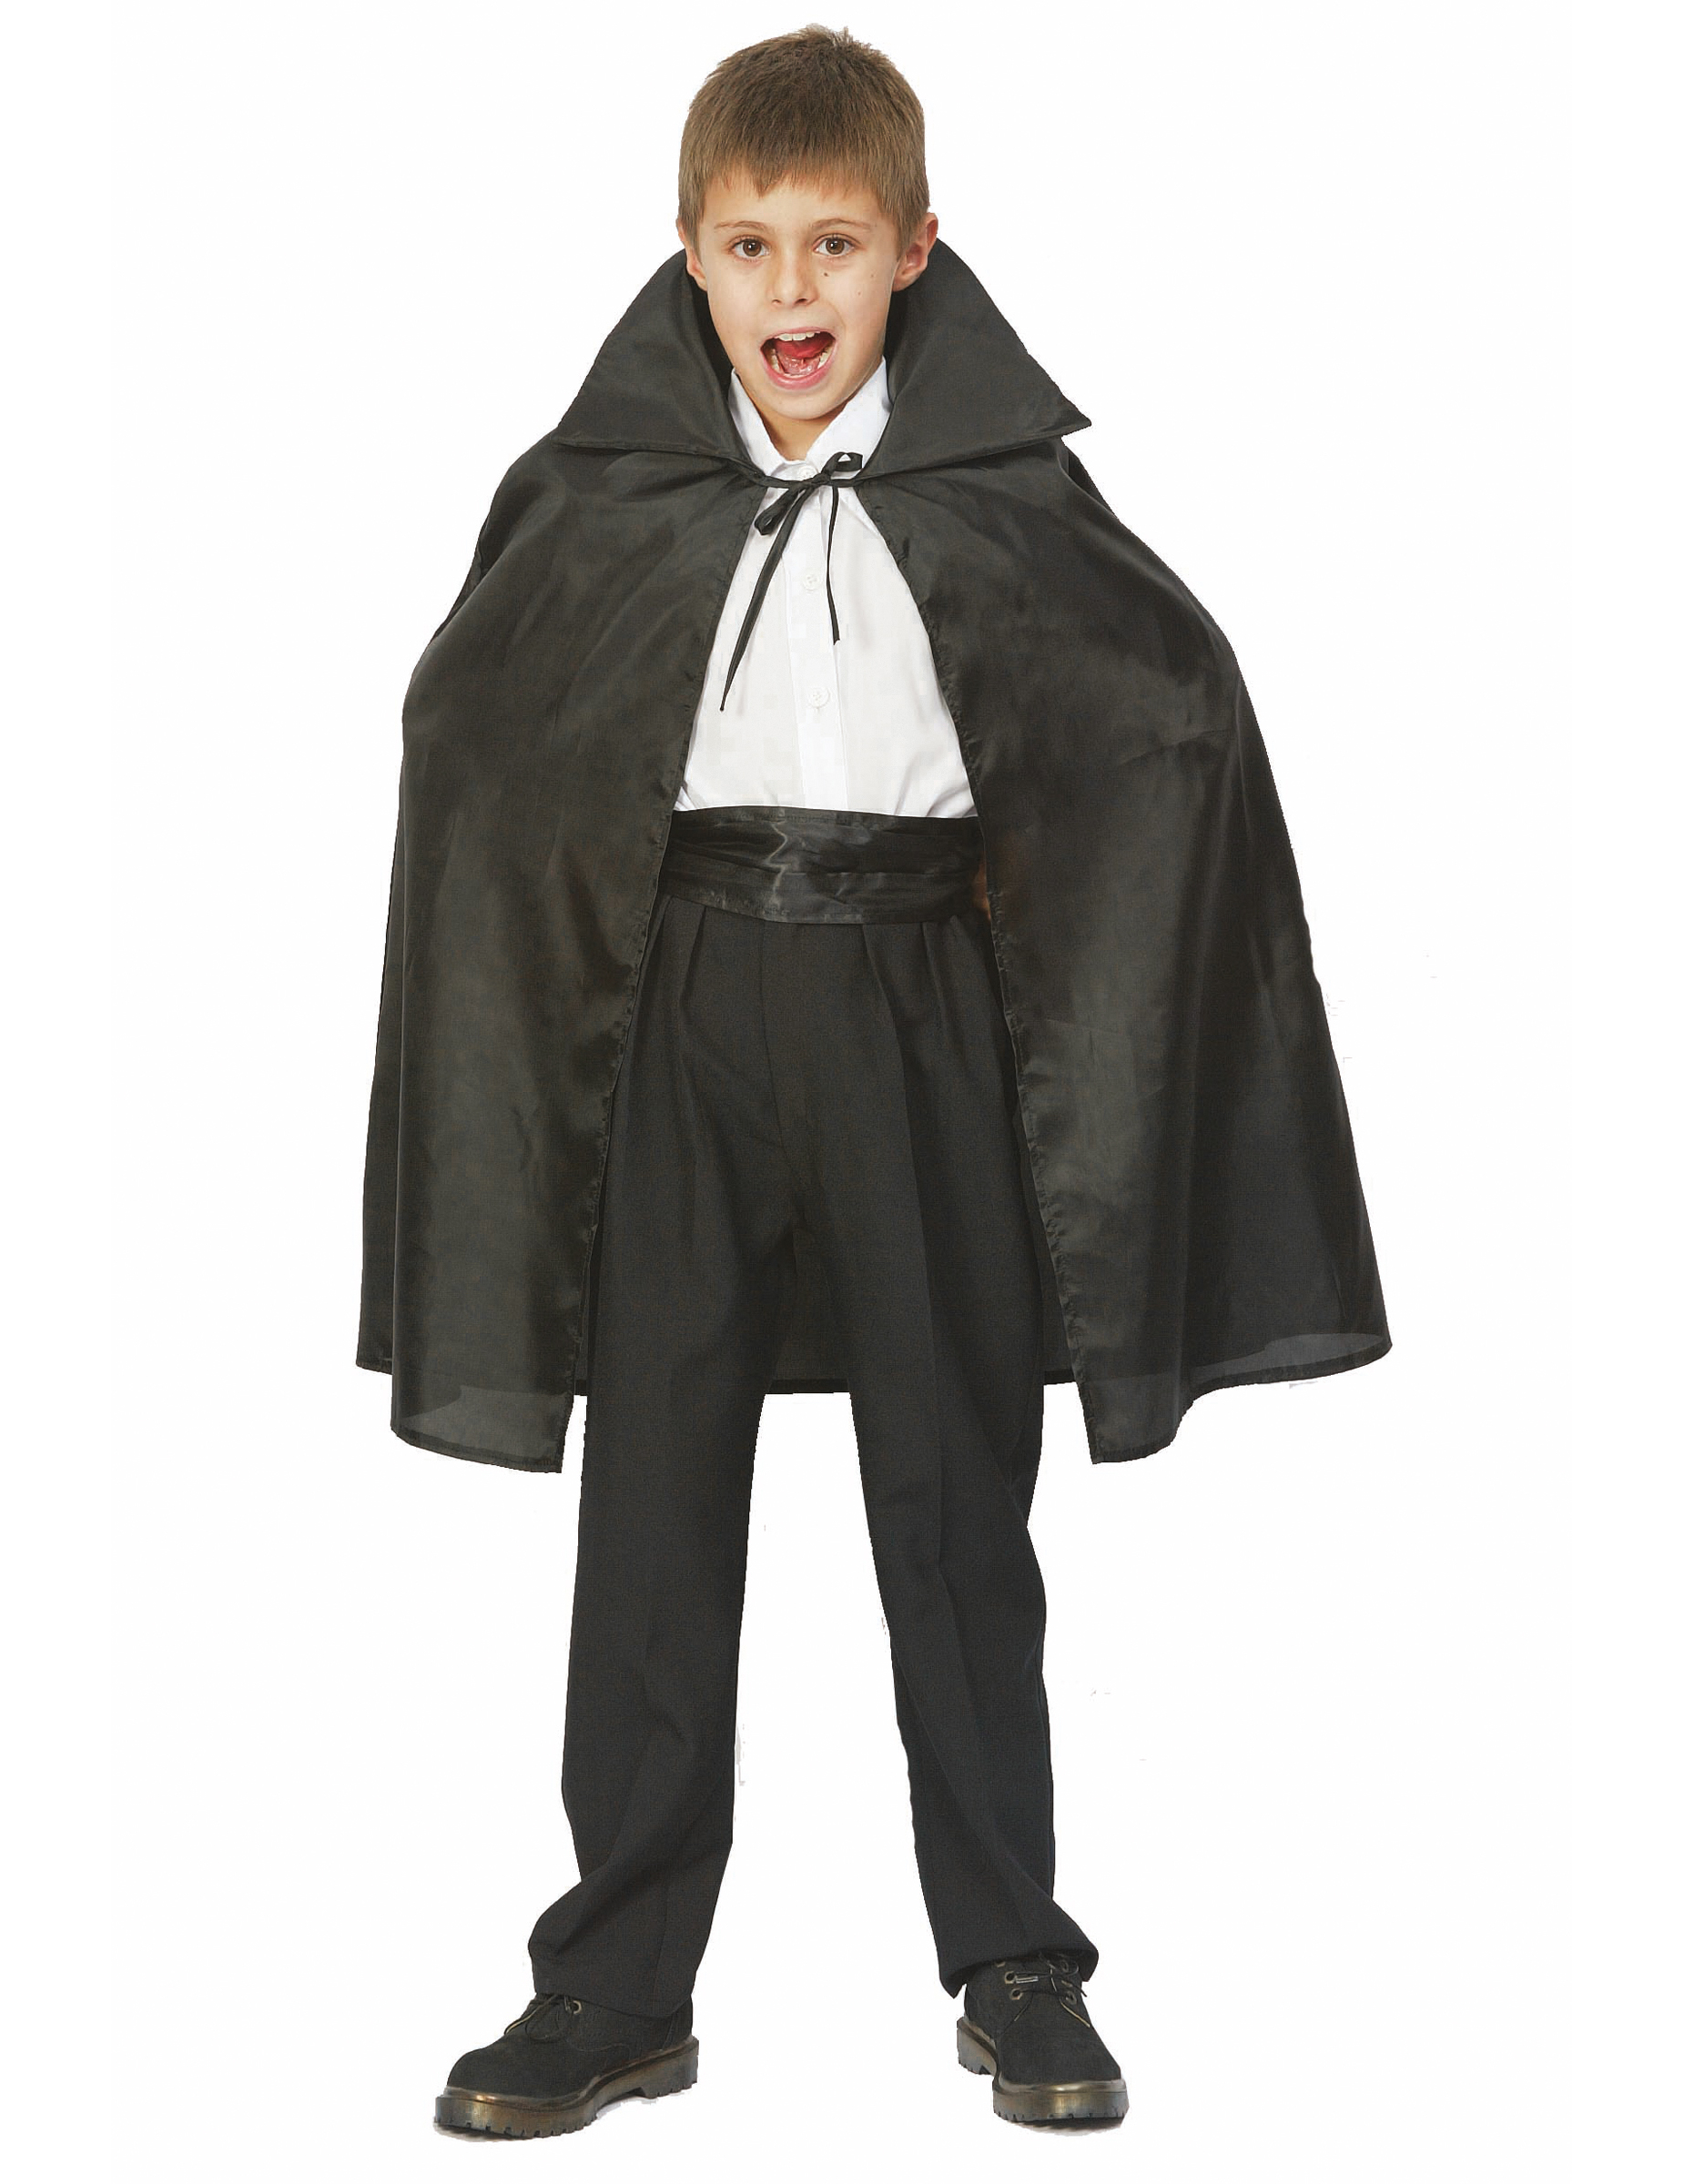 Cape de vampire halloween pour enfant achat de d guisements enfants sur vegaoopro grossiste en - Deguisement en o ...